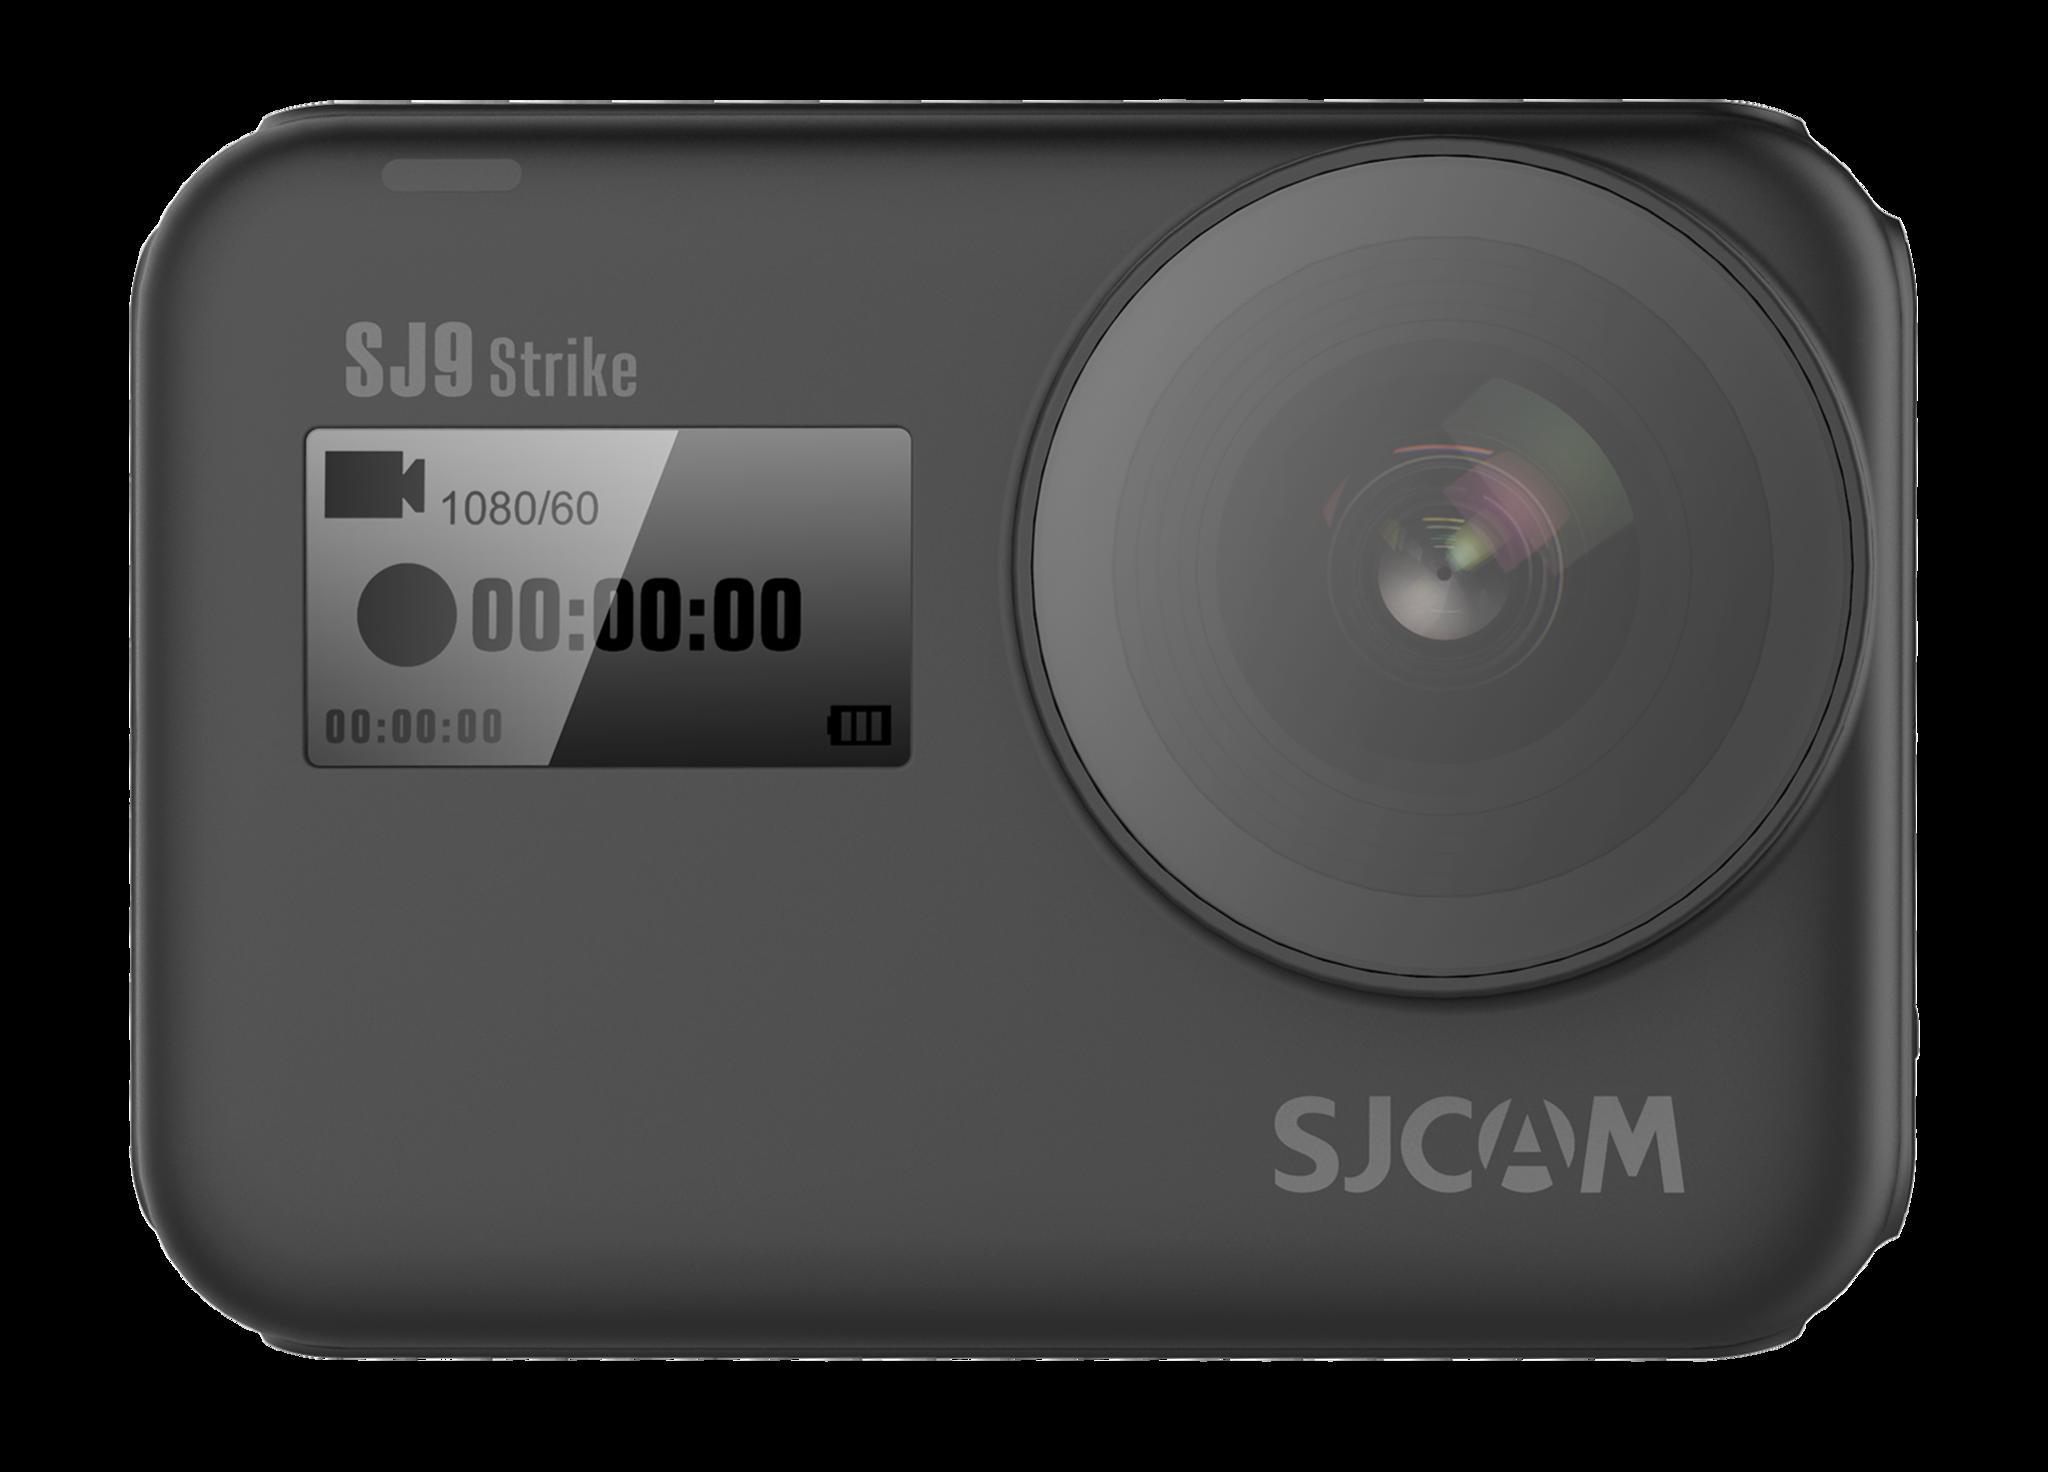 SJCAM SJCAM SJ9 Strike